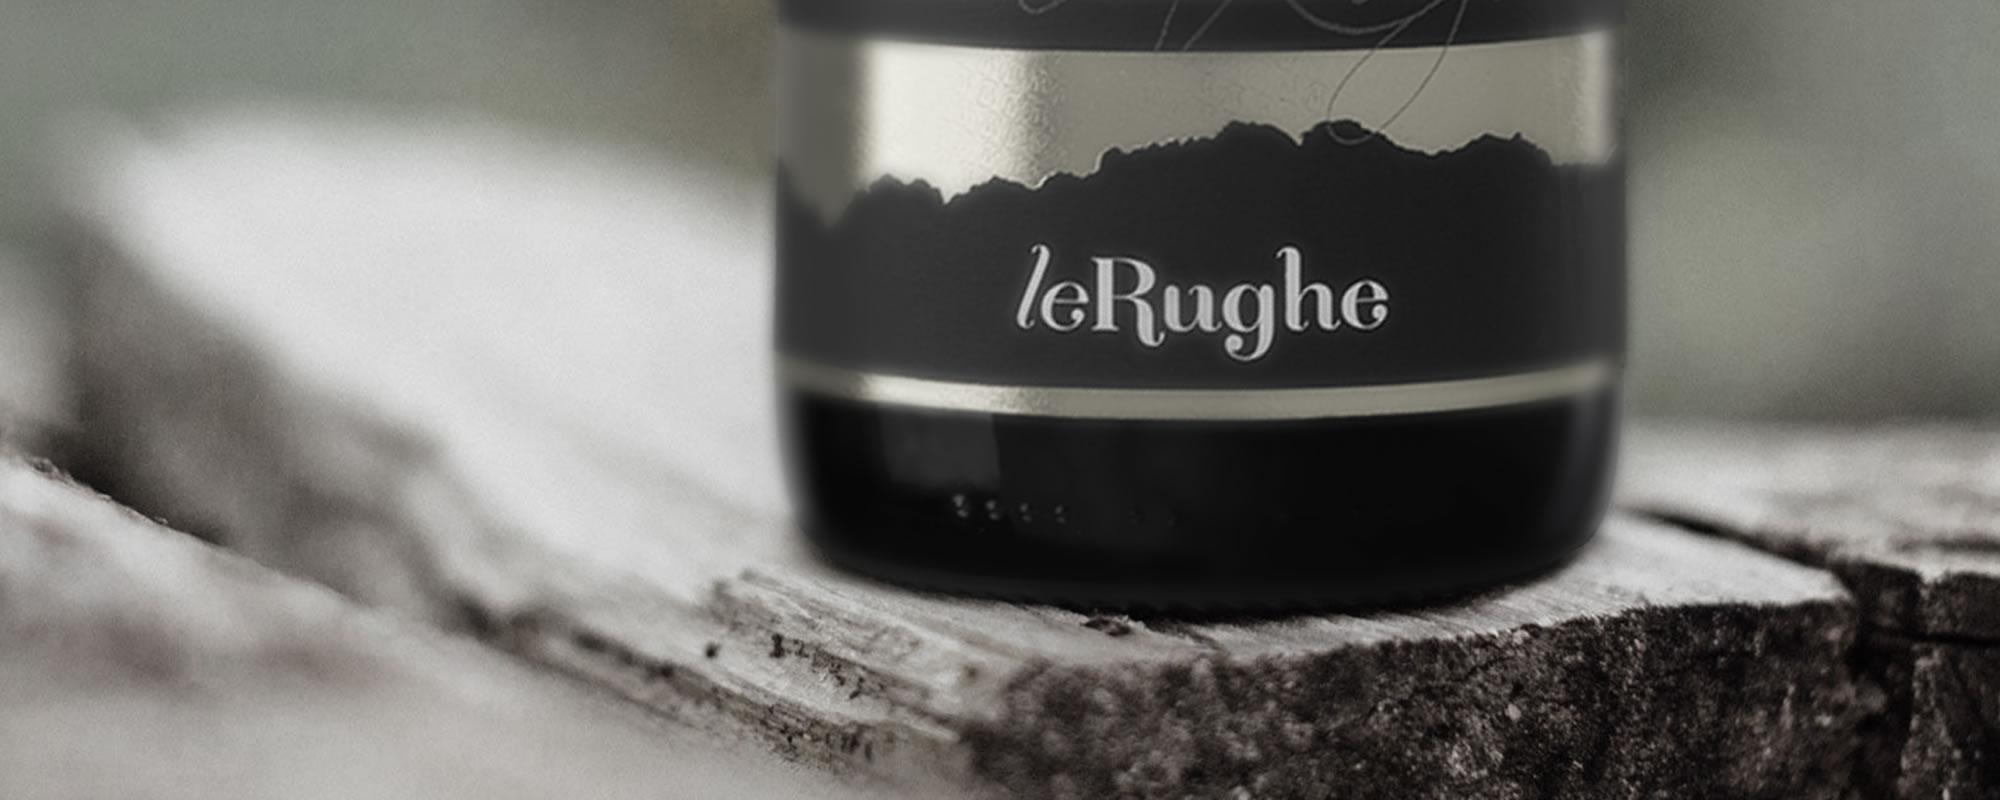 Vini - Le Rughe